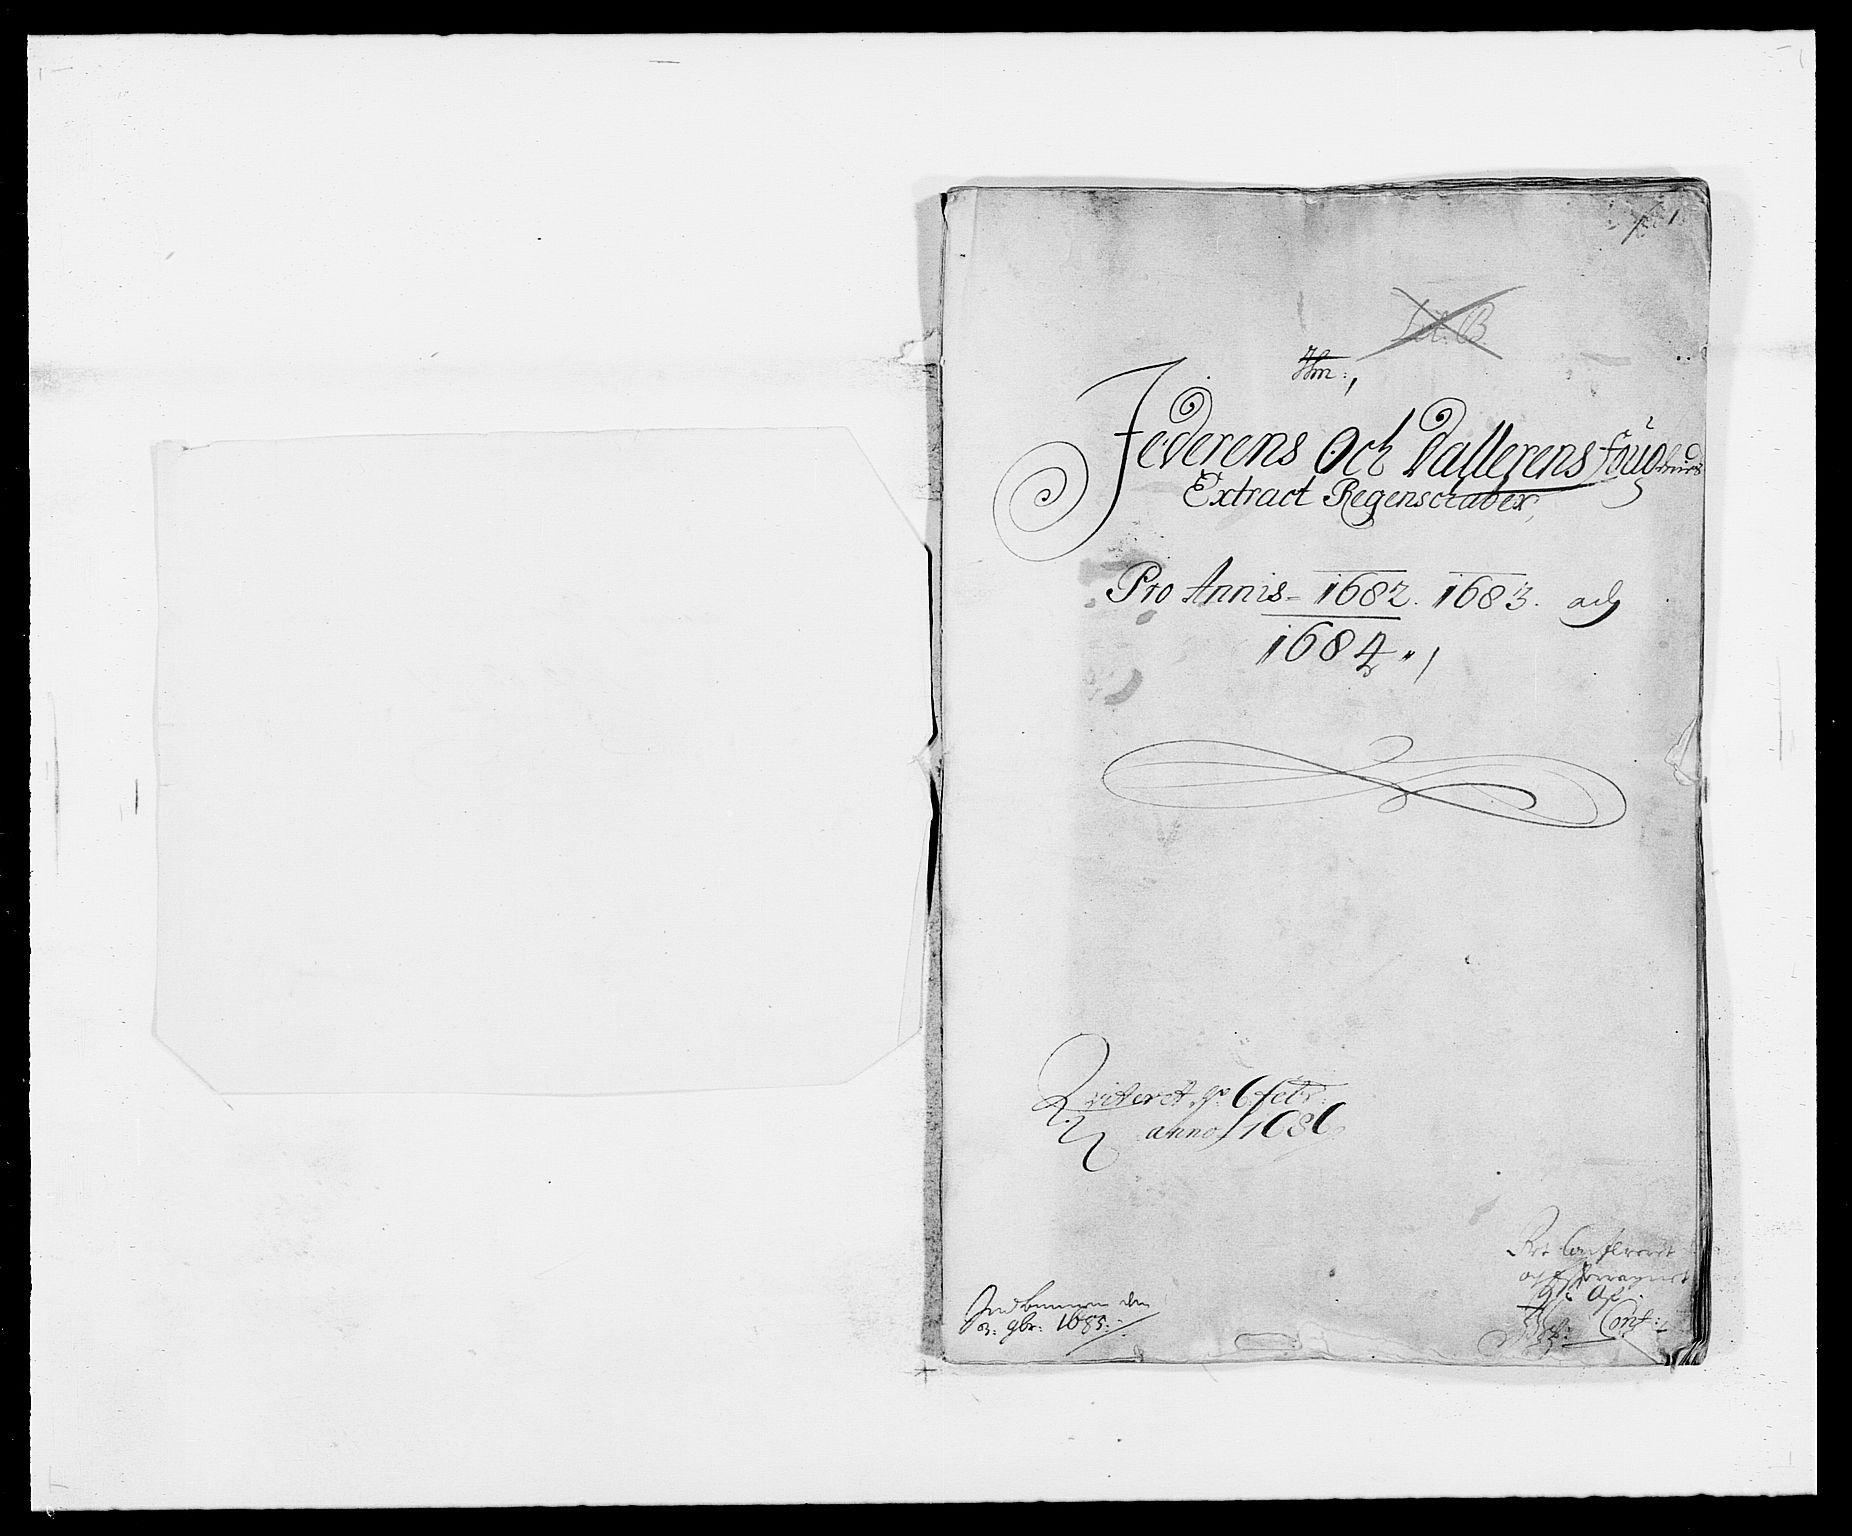 RA, Rentekammeret inntil 1814, Reviderte regnskaper, Fogderegnskap, R46/L2723: Fogderegnskap Jæren og Dalane, 1682-1684, s. 1